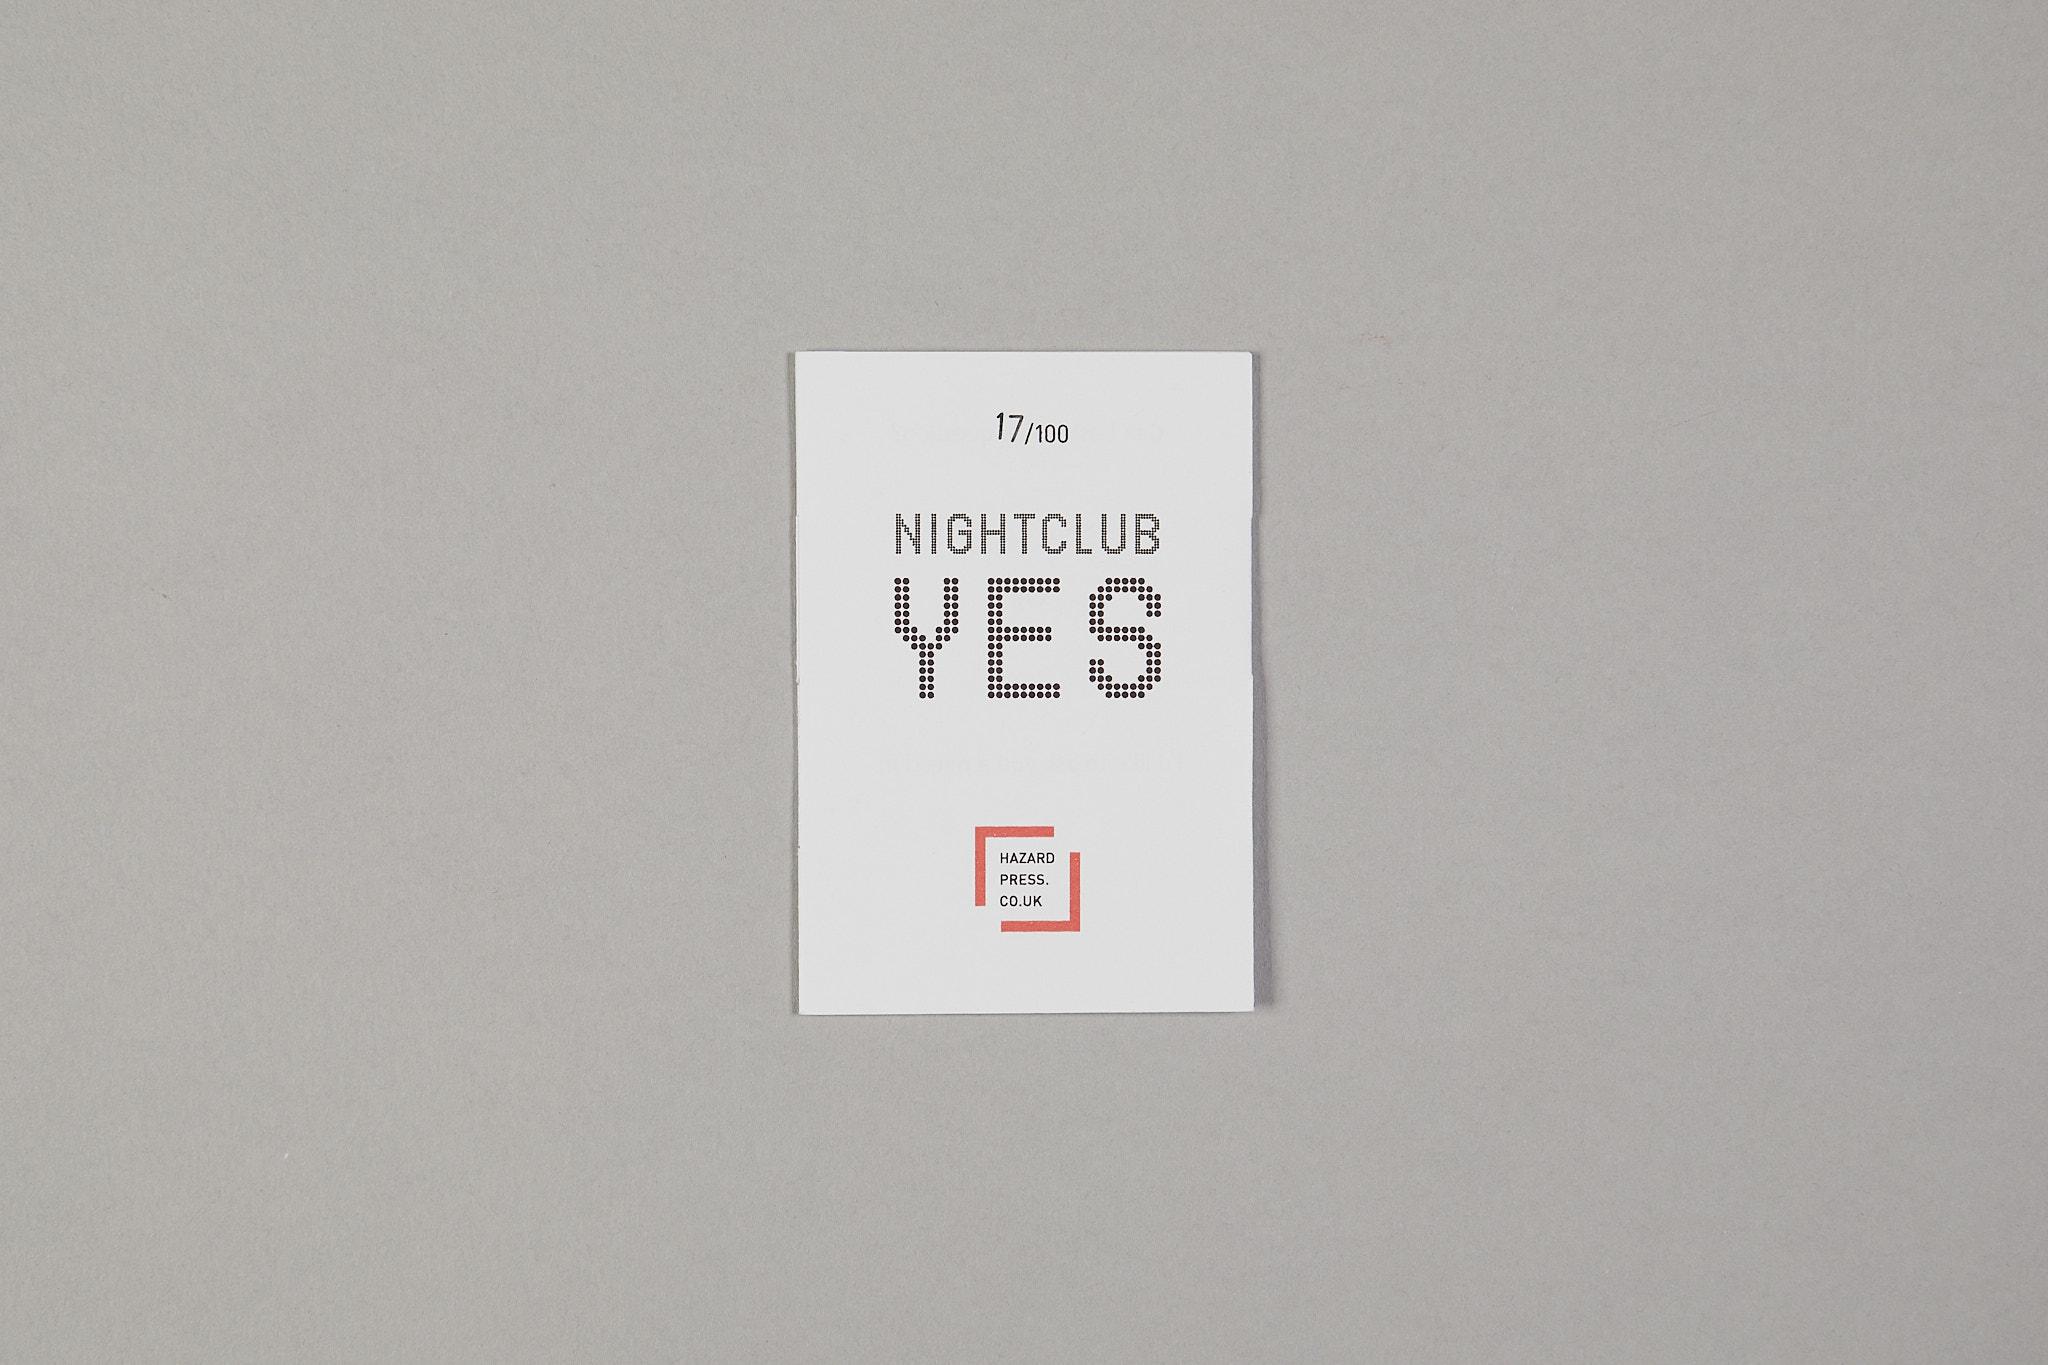 Nightclub yes, nightclub no by Jeremy Dixon (2014)